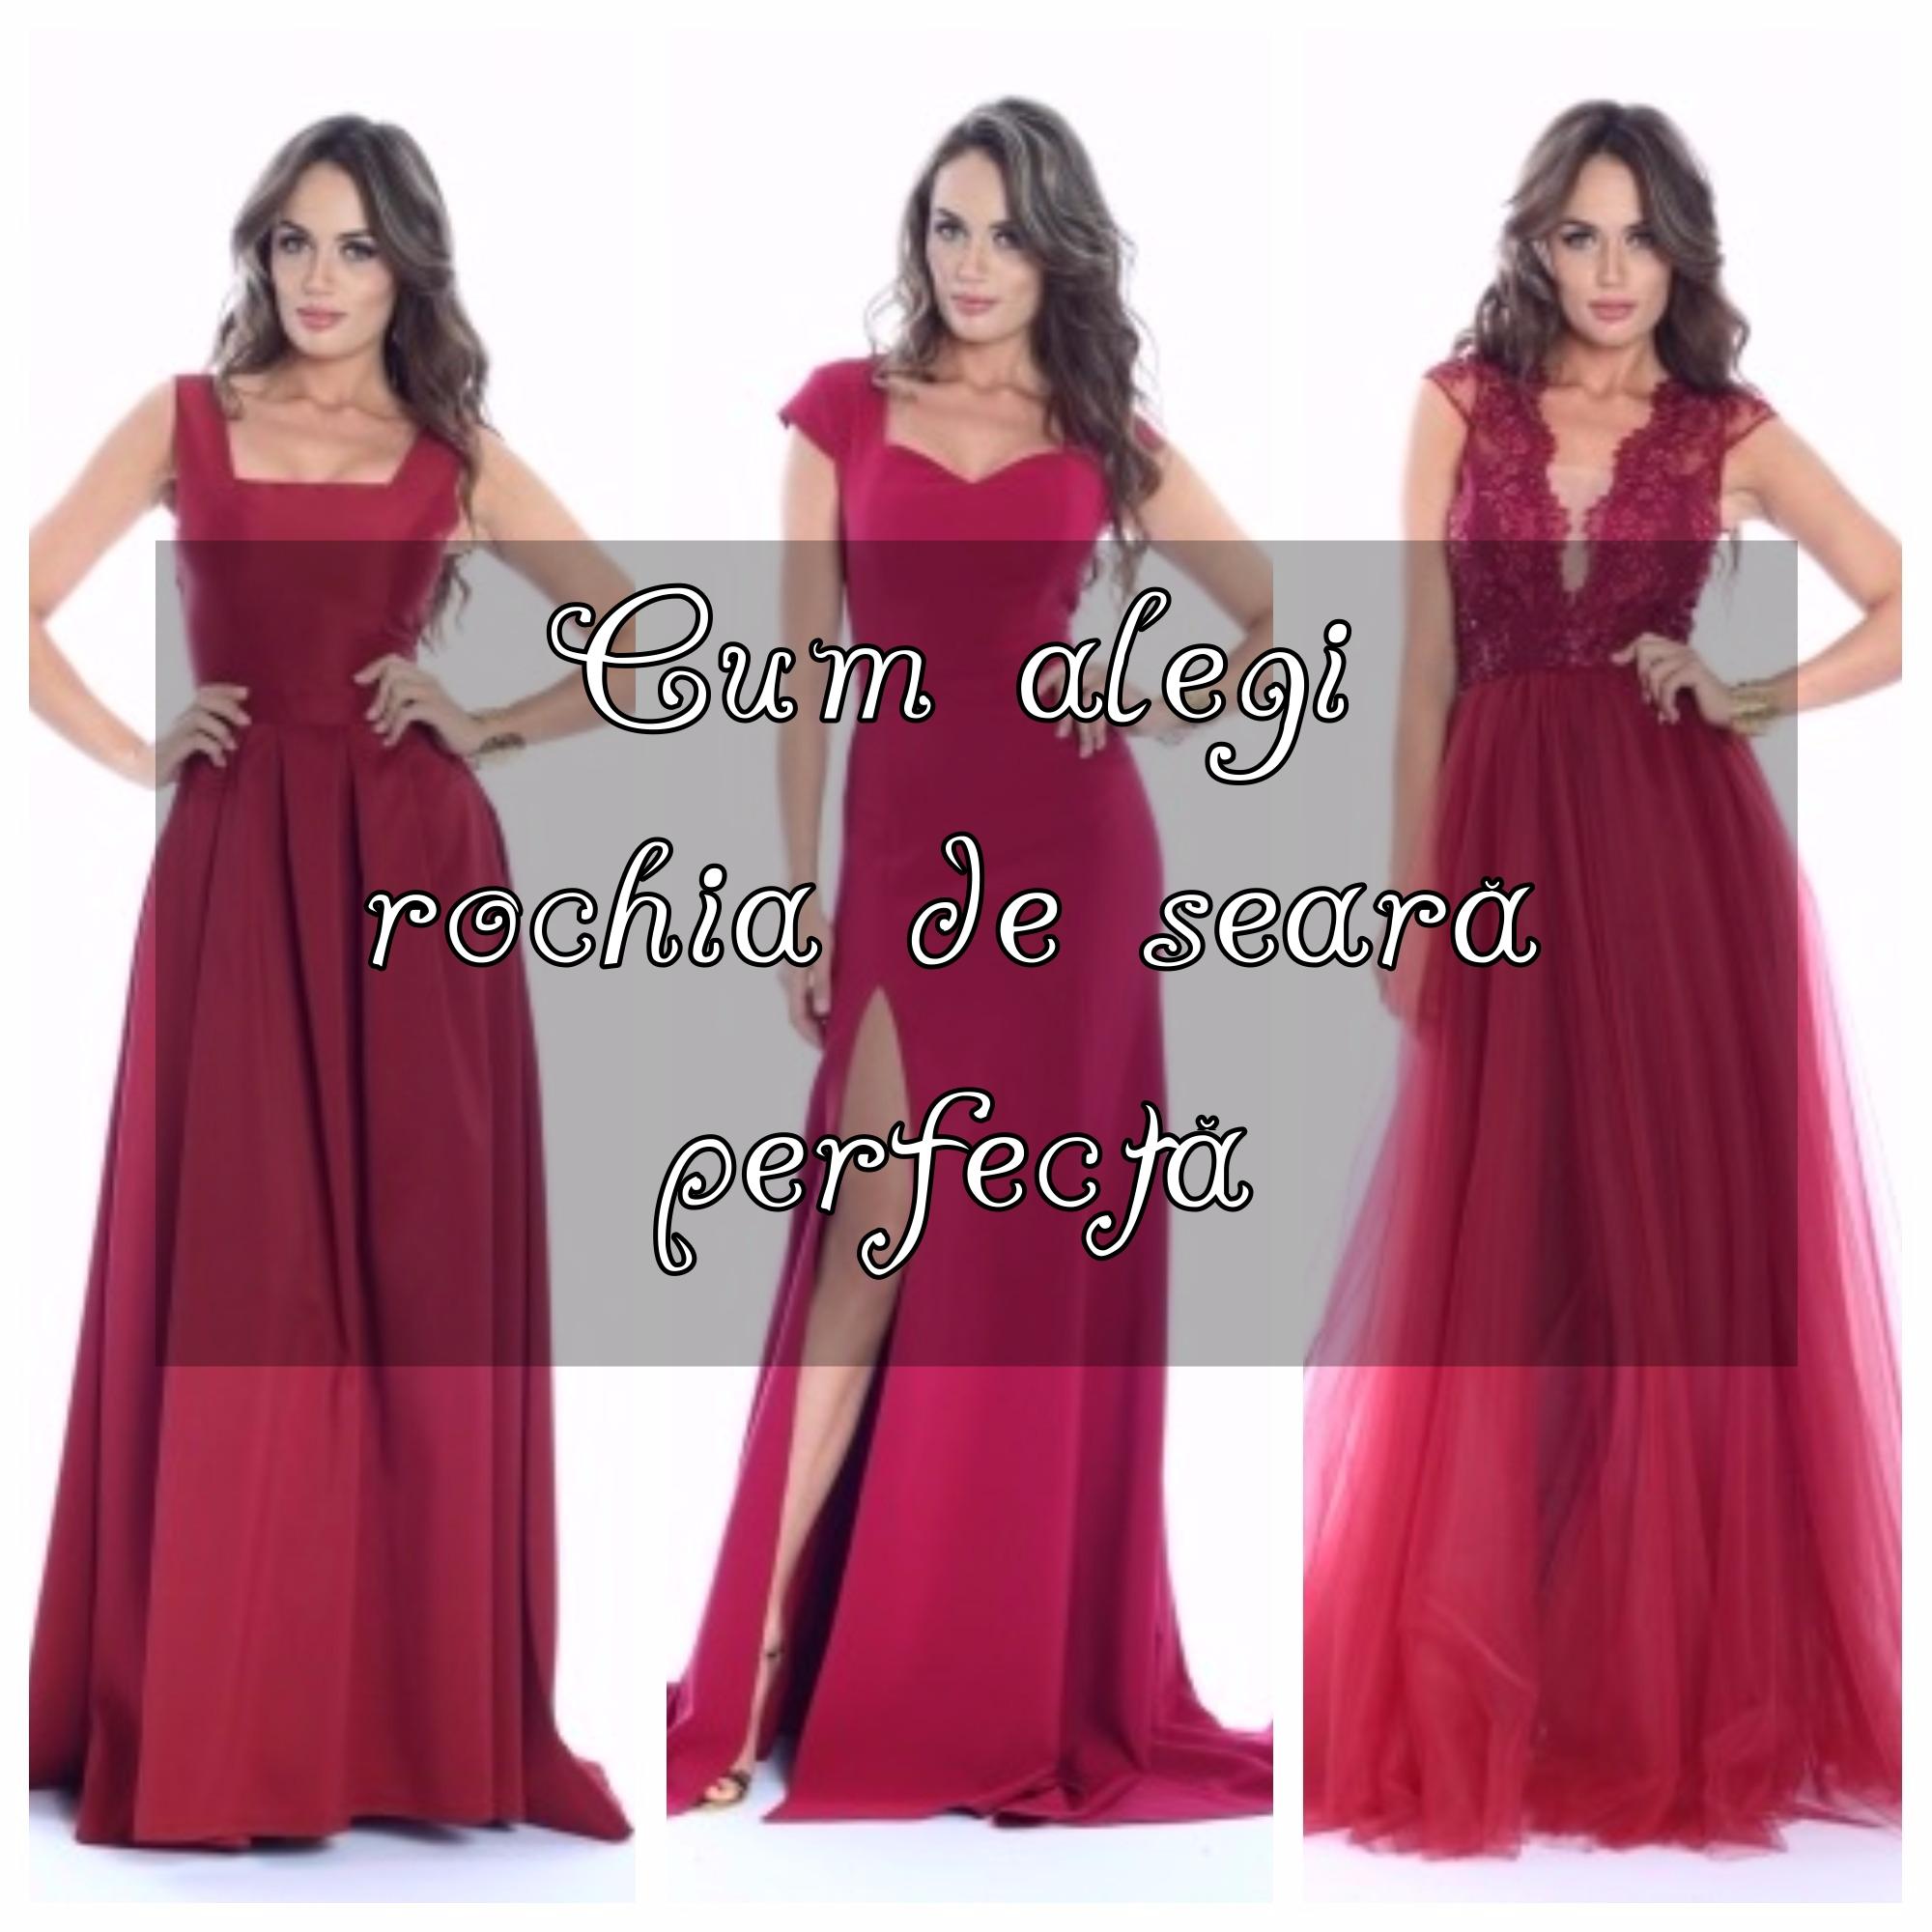 cum alegi rochia de seara perfecta